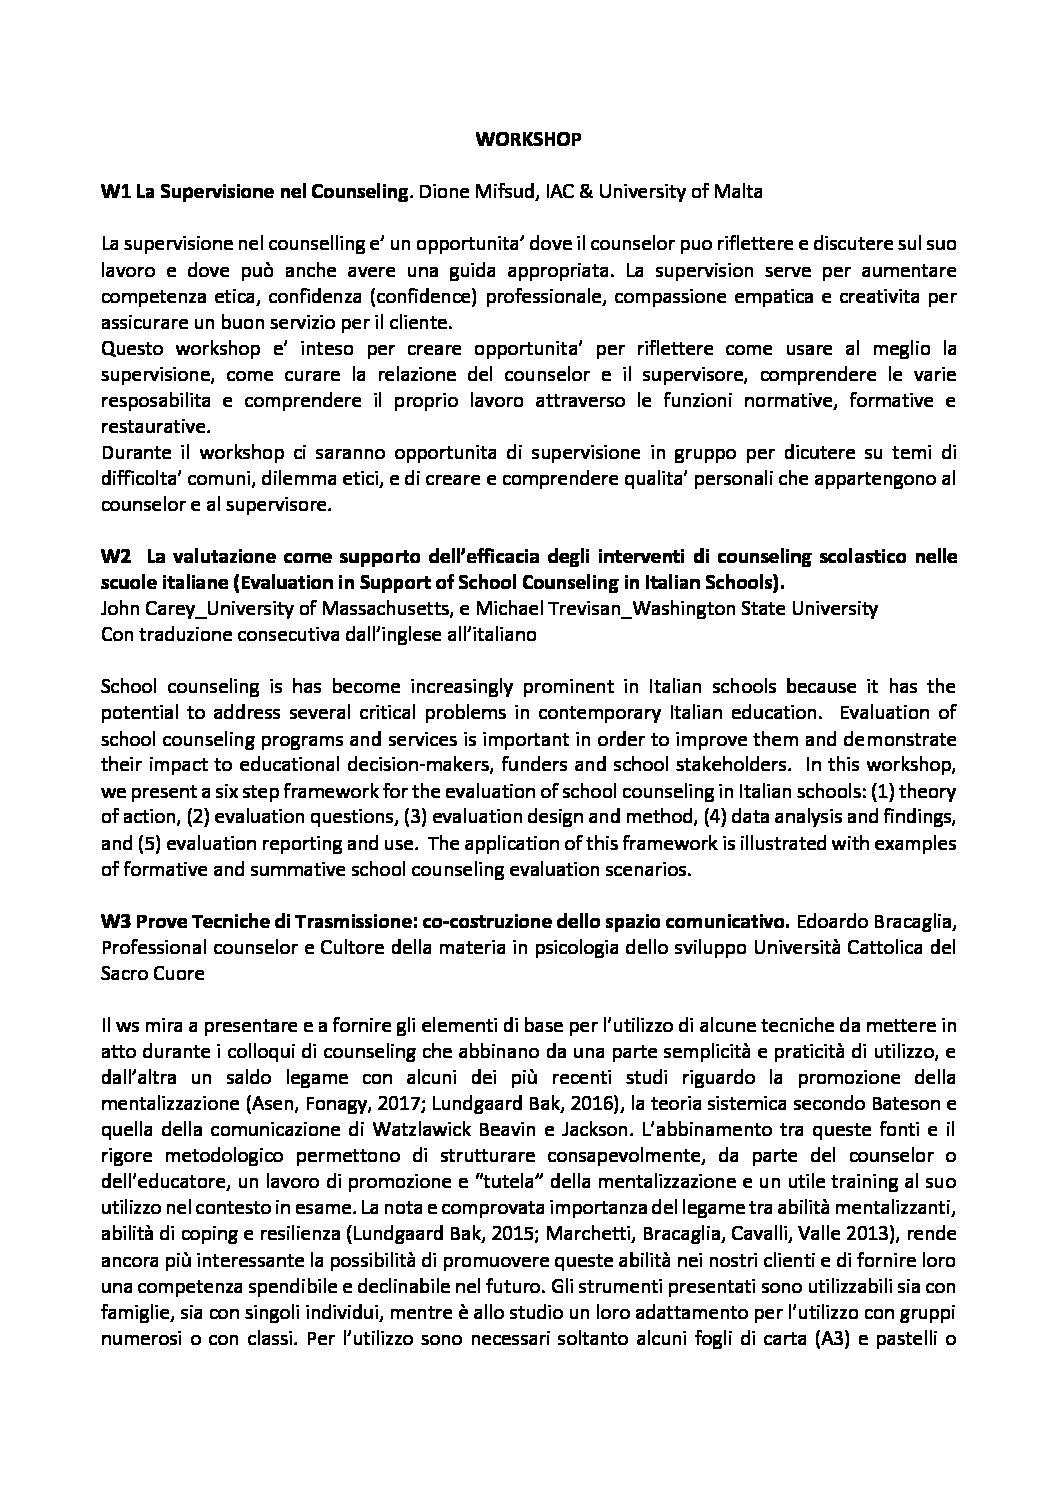 14/10/17 a Villafranca,  Seminario Internazionale sul Counseling Gratuito  Hotel Expo, Villafranca (VR) allegati pdf sul nostro BLOG